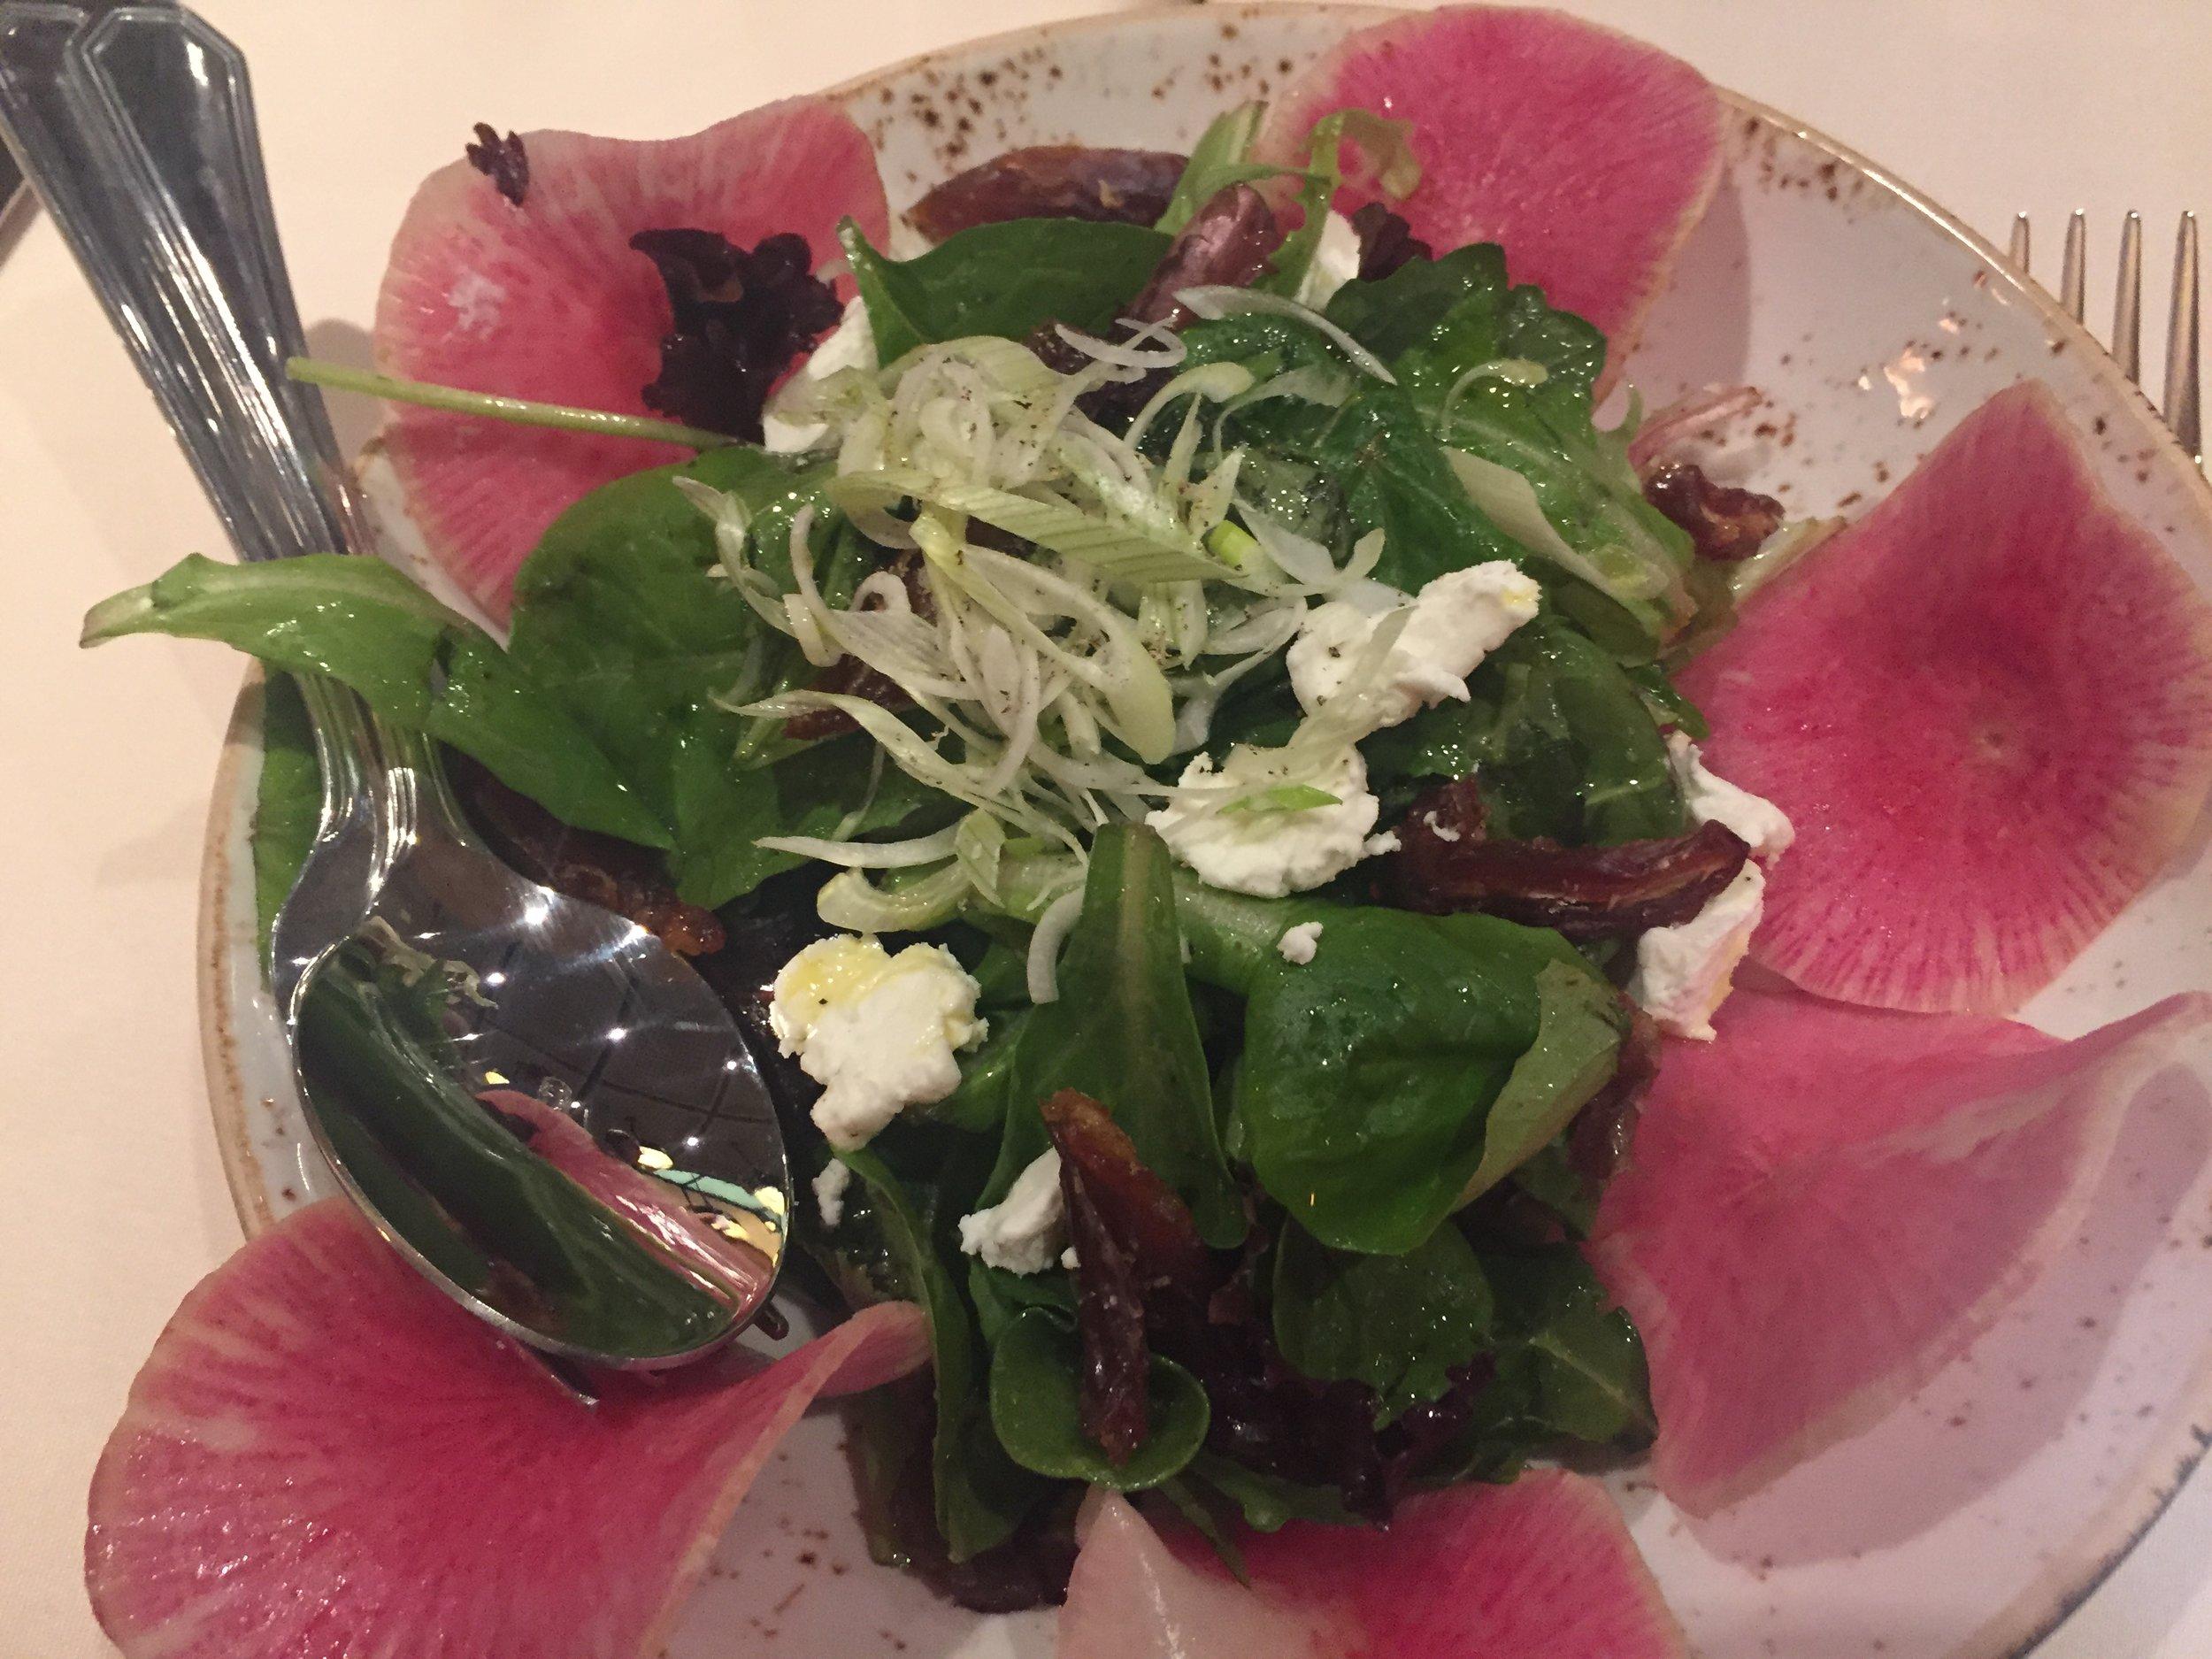 ortolana - field greens, watermelon radish, radicchio, dates, goat cheese, champagne vinaigrette